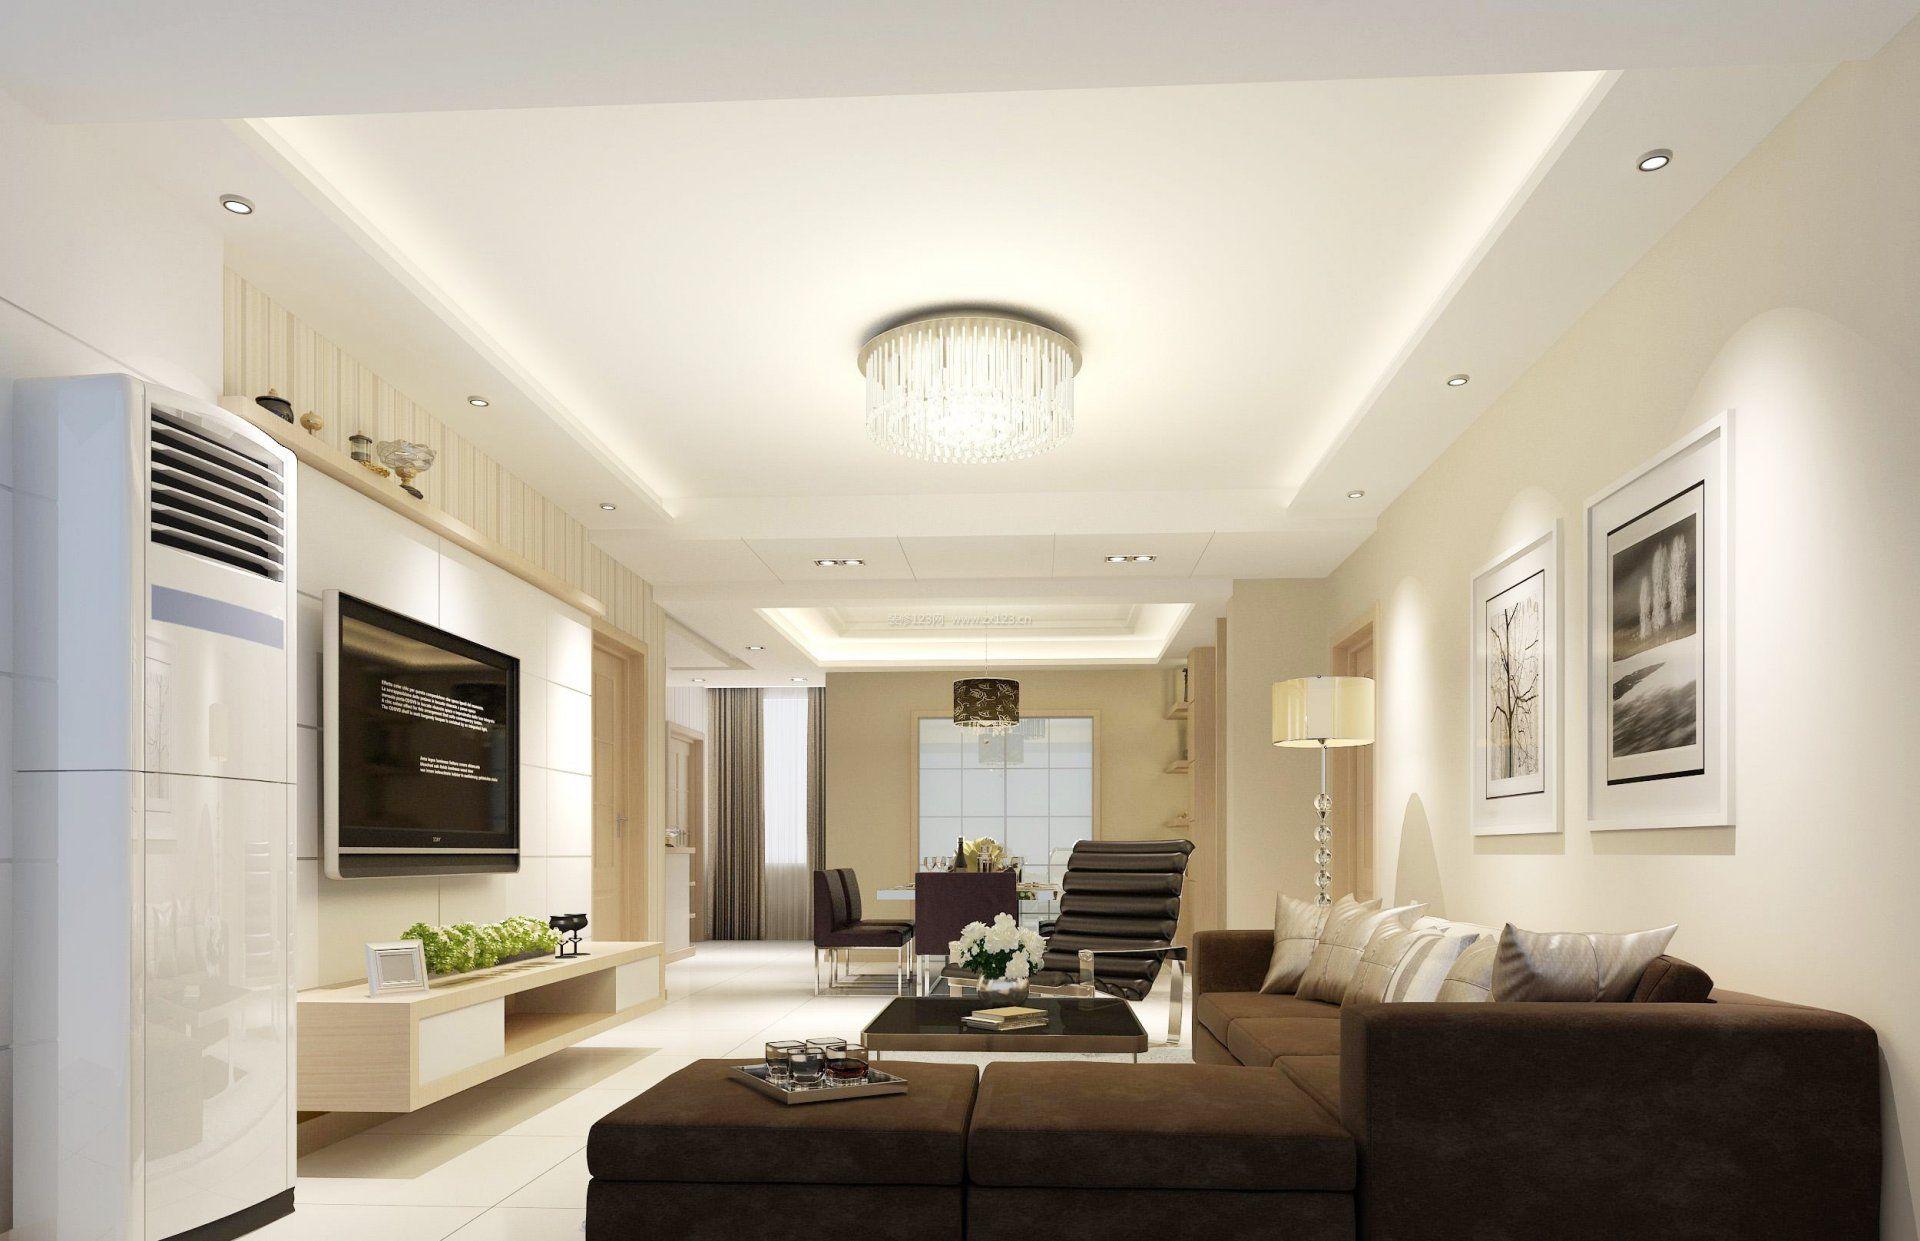 90平米小户型客厅简约装修设计效果图